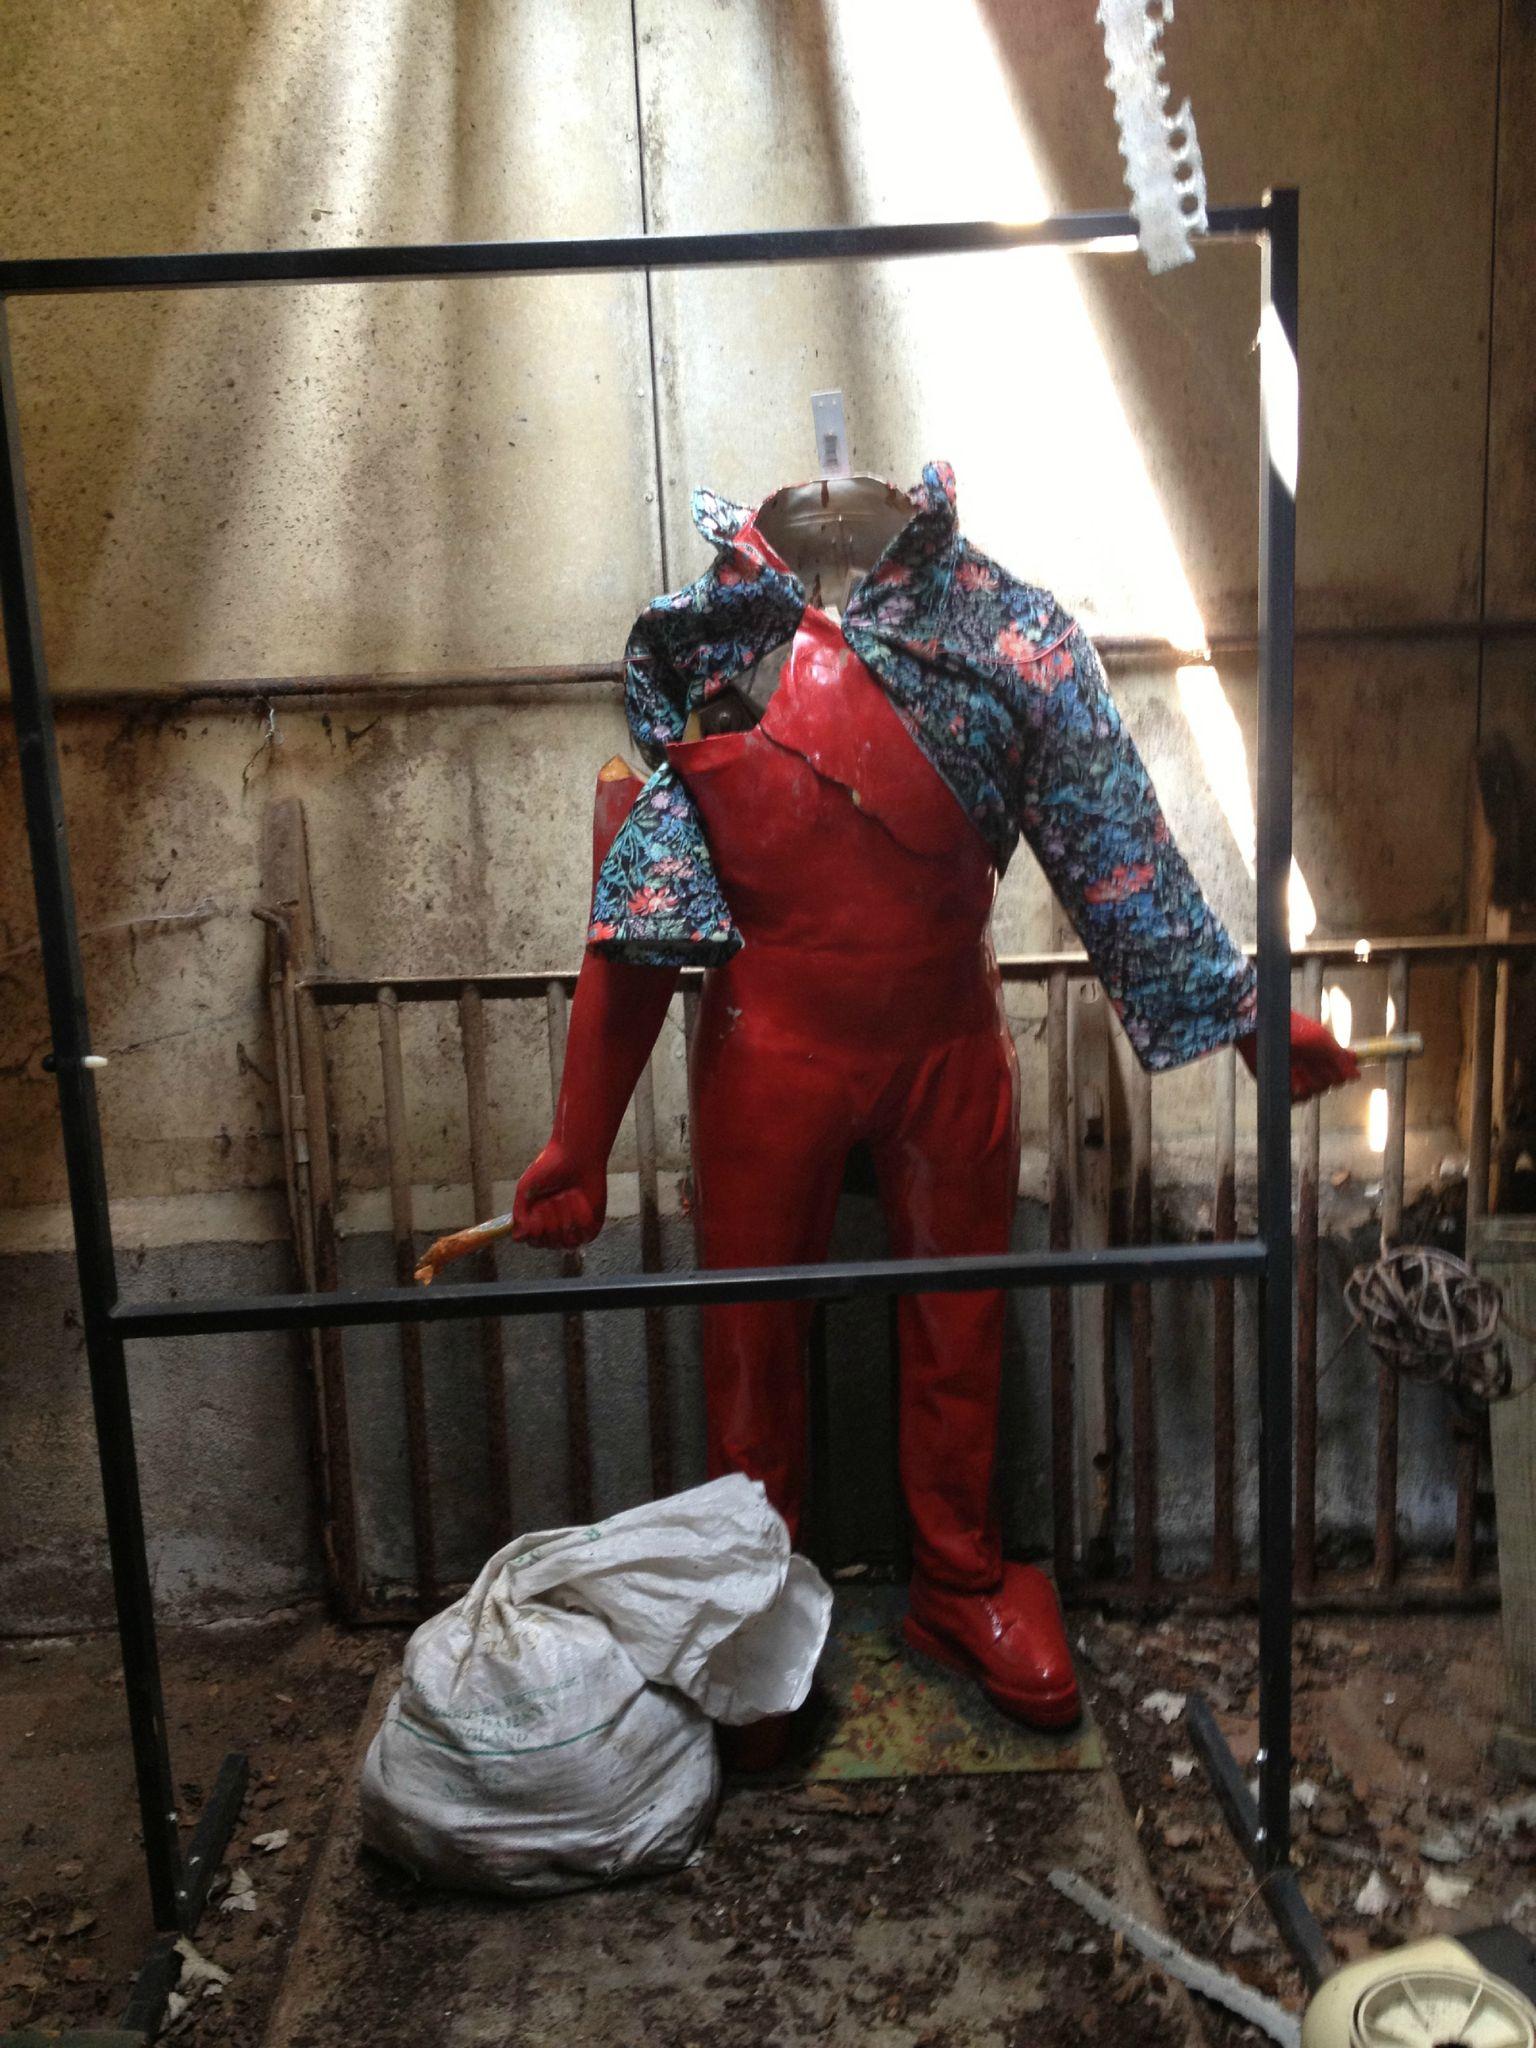 monsieur toilette dans le hangar de stockage